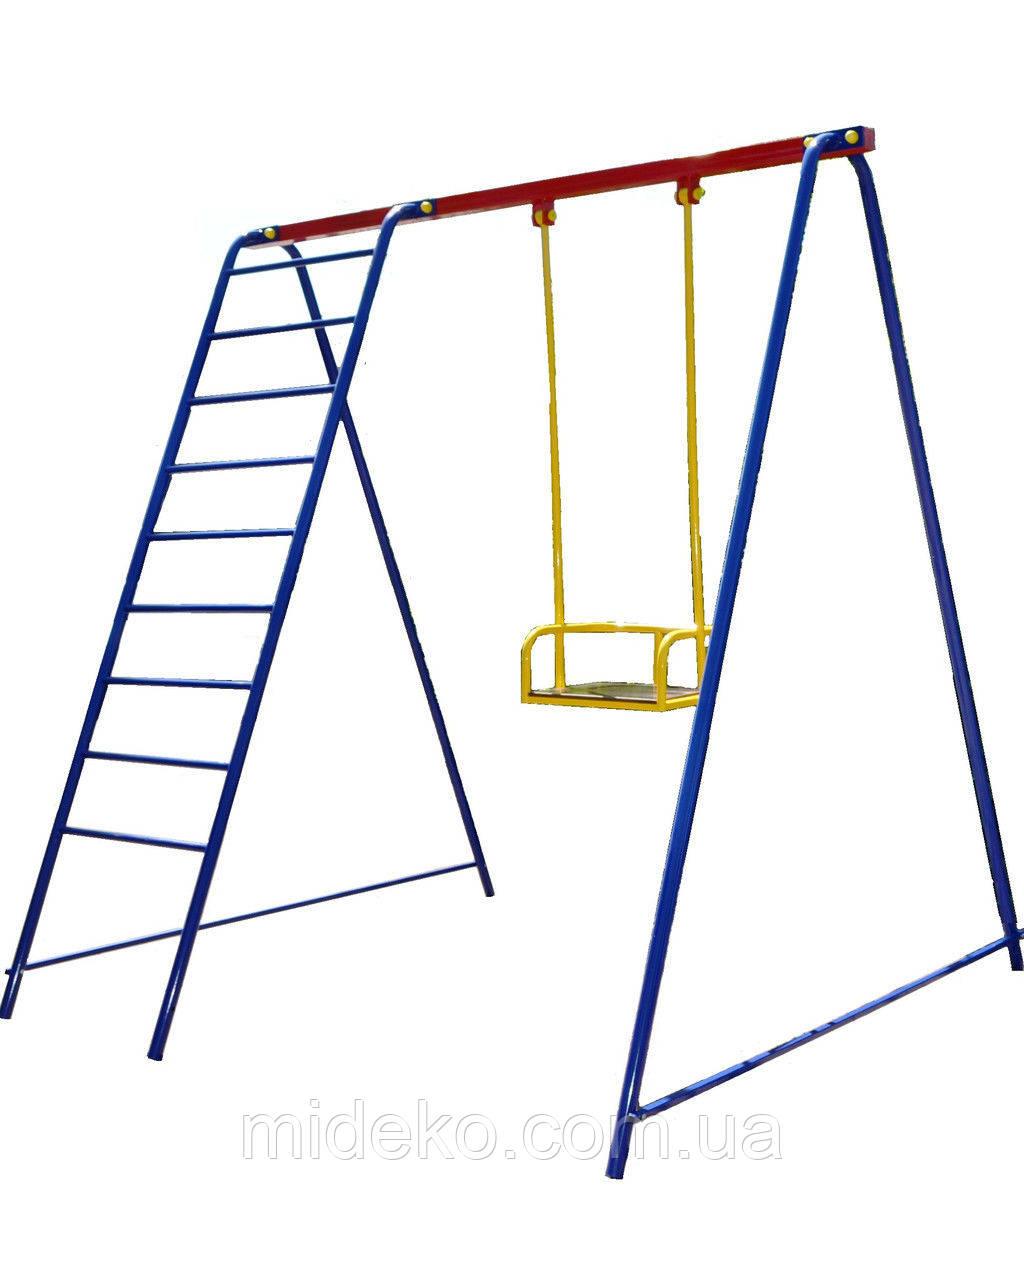 Игровой комплекс (лестница+качели)